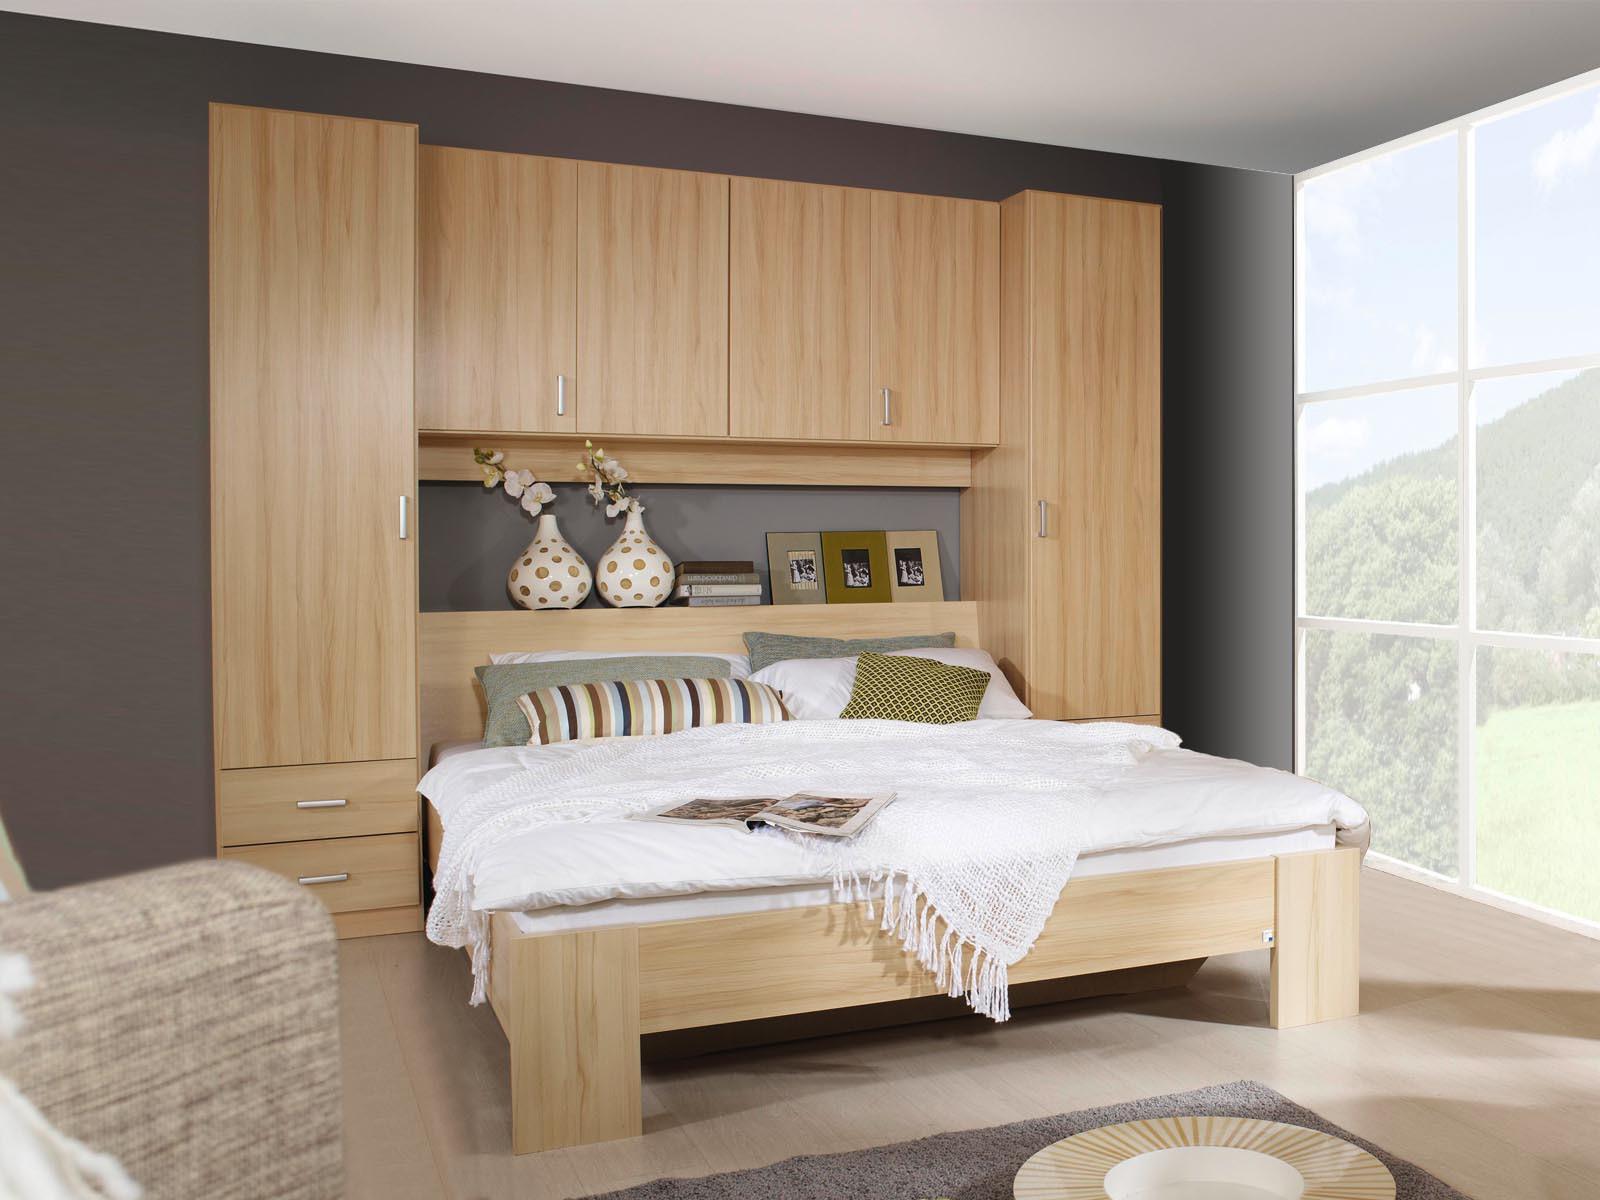 conforama lit avec rangement affordable rangement chambre enfant conforama besancon clic. Black Bedroom Furniture Sets. Home Design Ideas